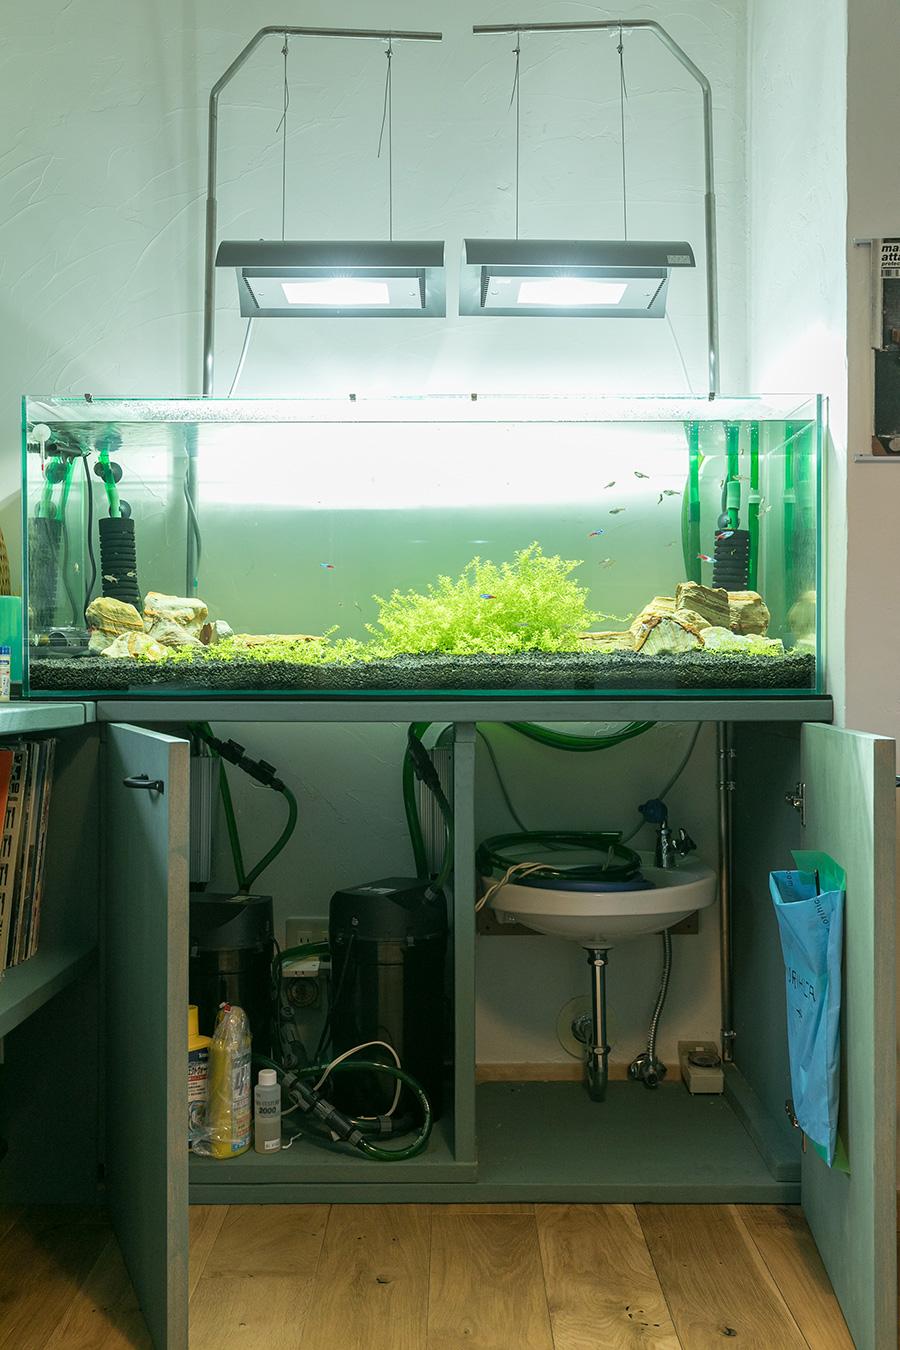 水槽の下に水道を設置したことで水換えやメンテナンスが楽にできる。